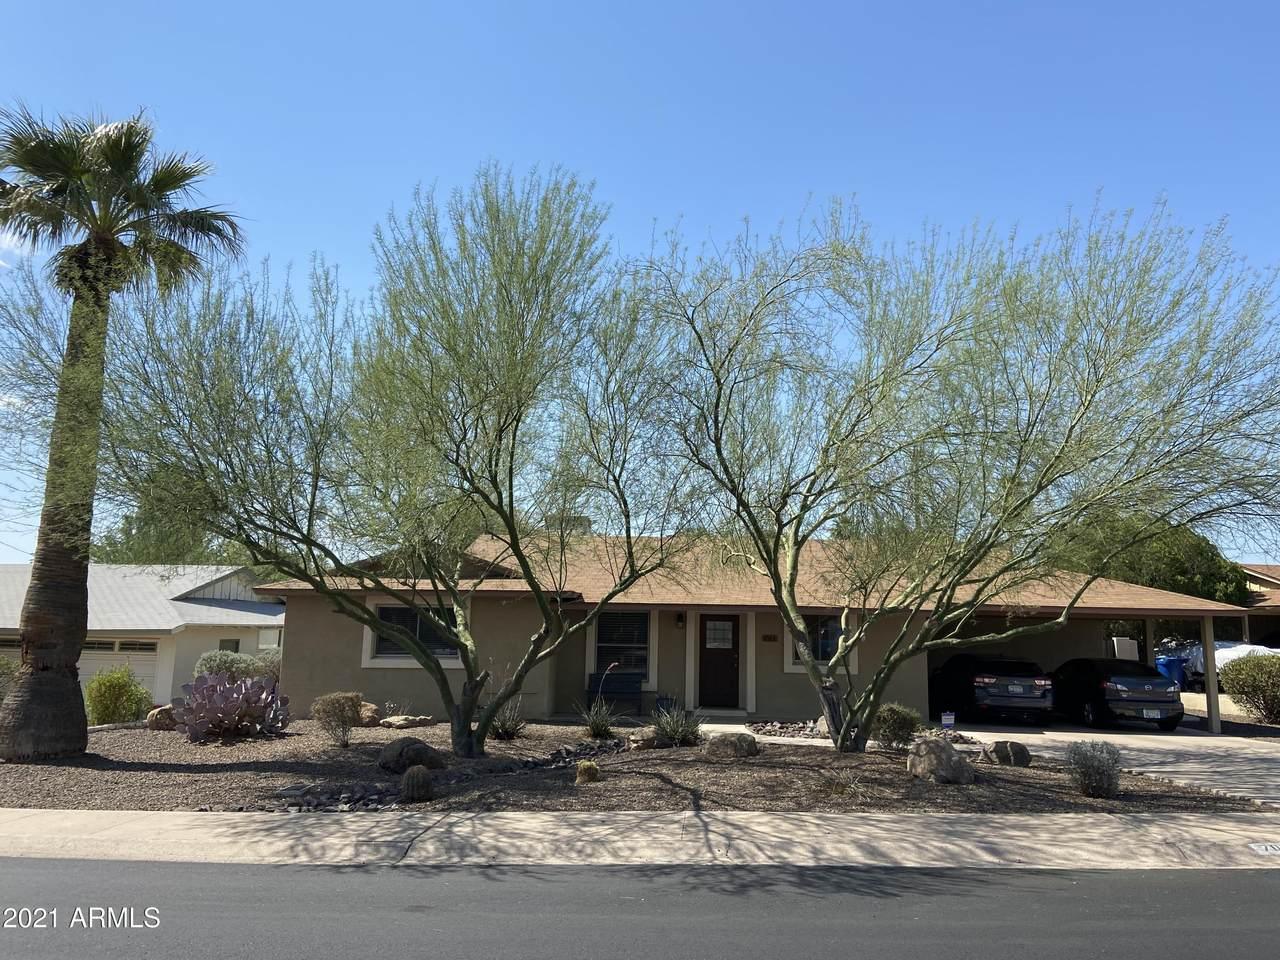 703 Saguaro Drive - Photo 1